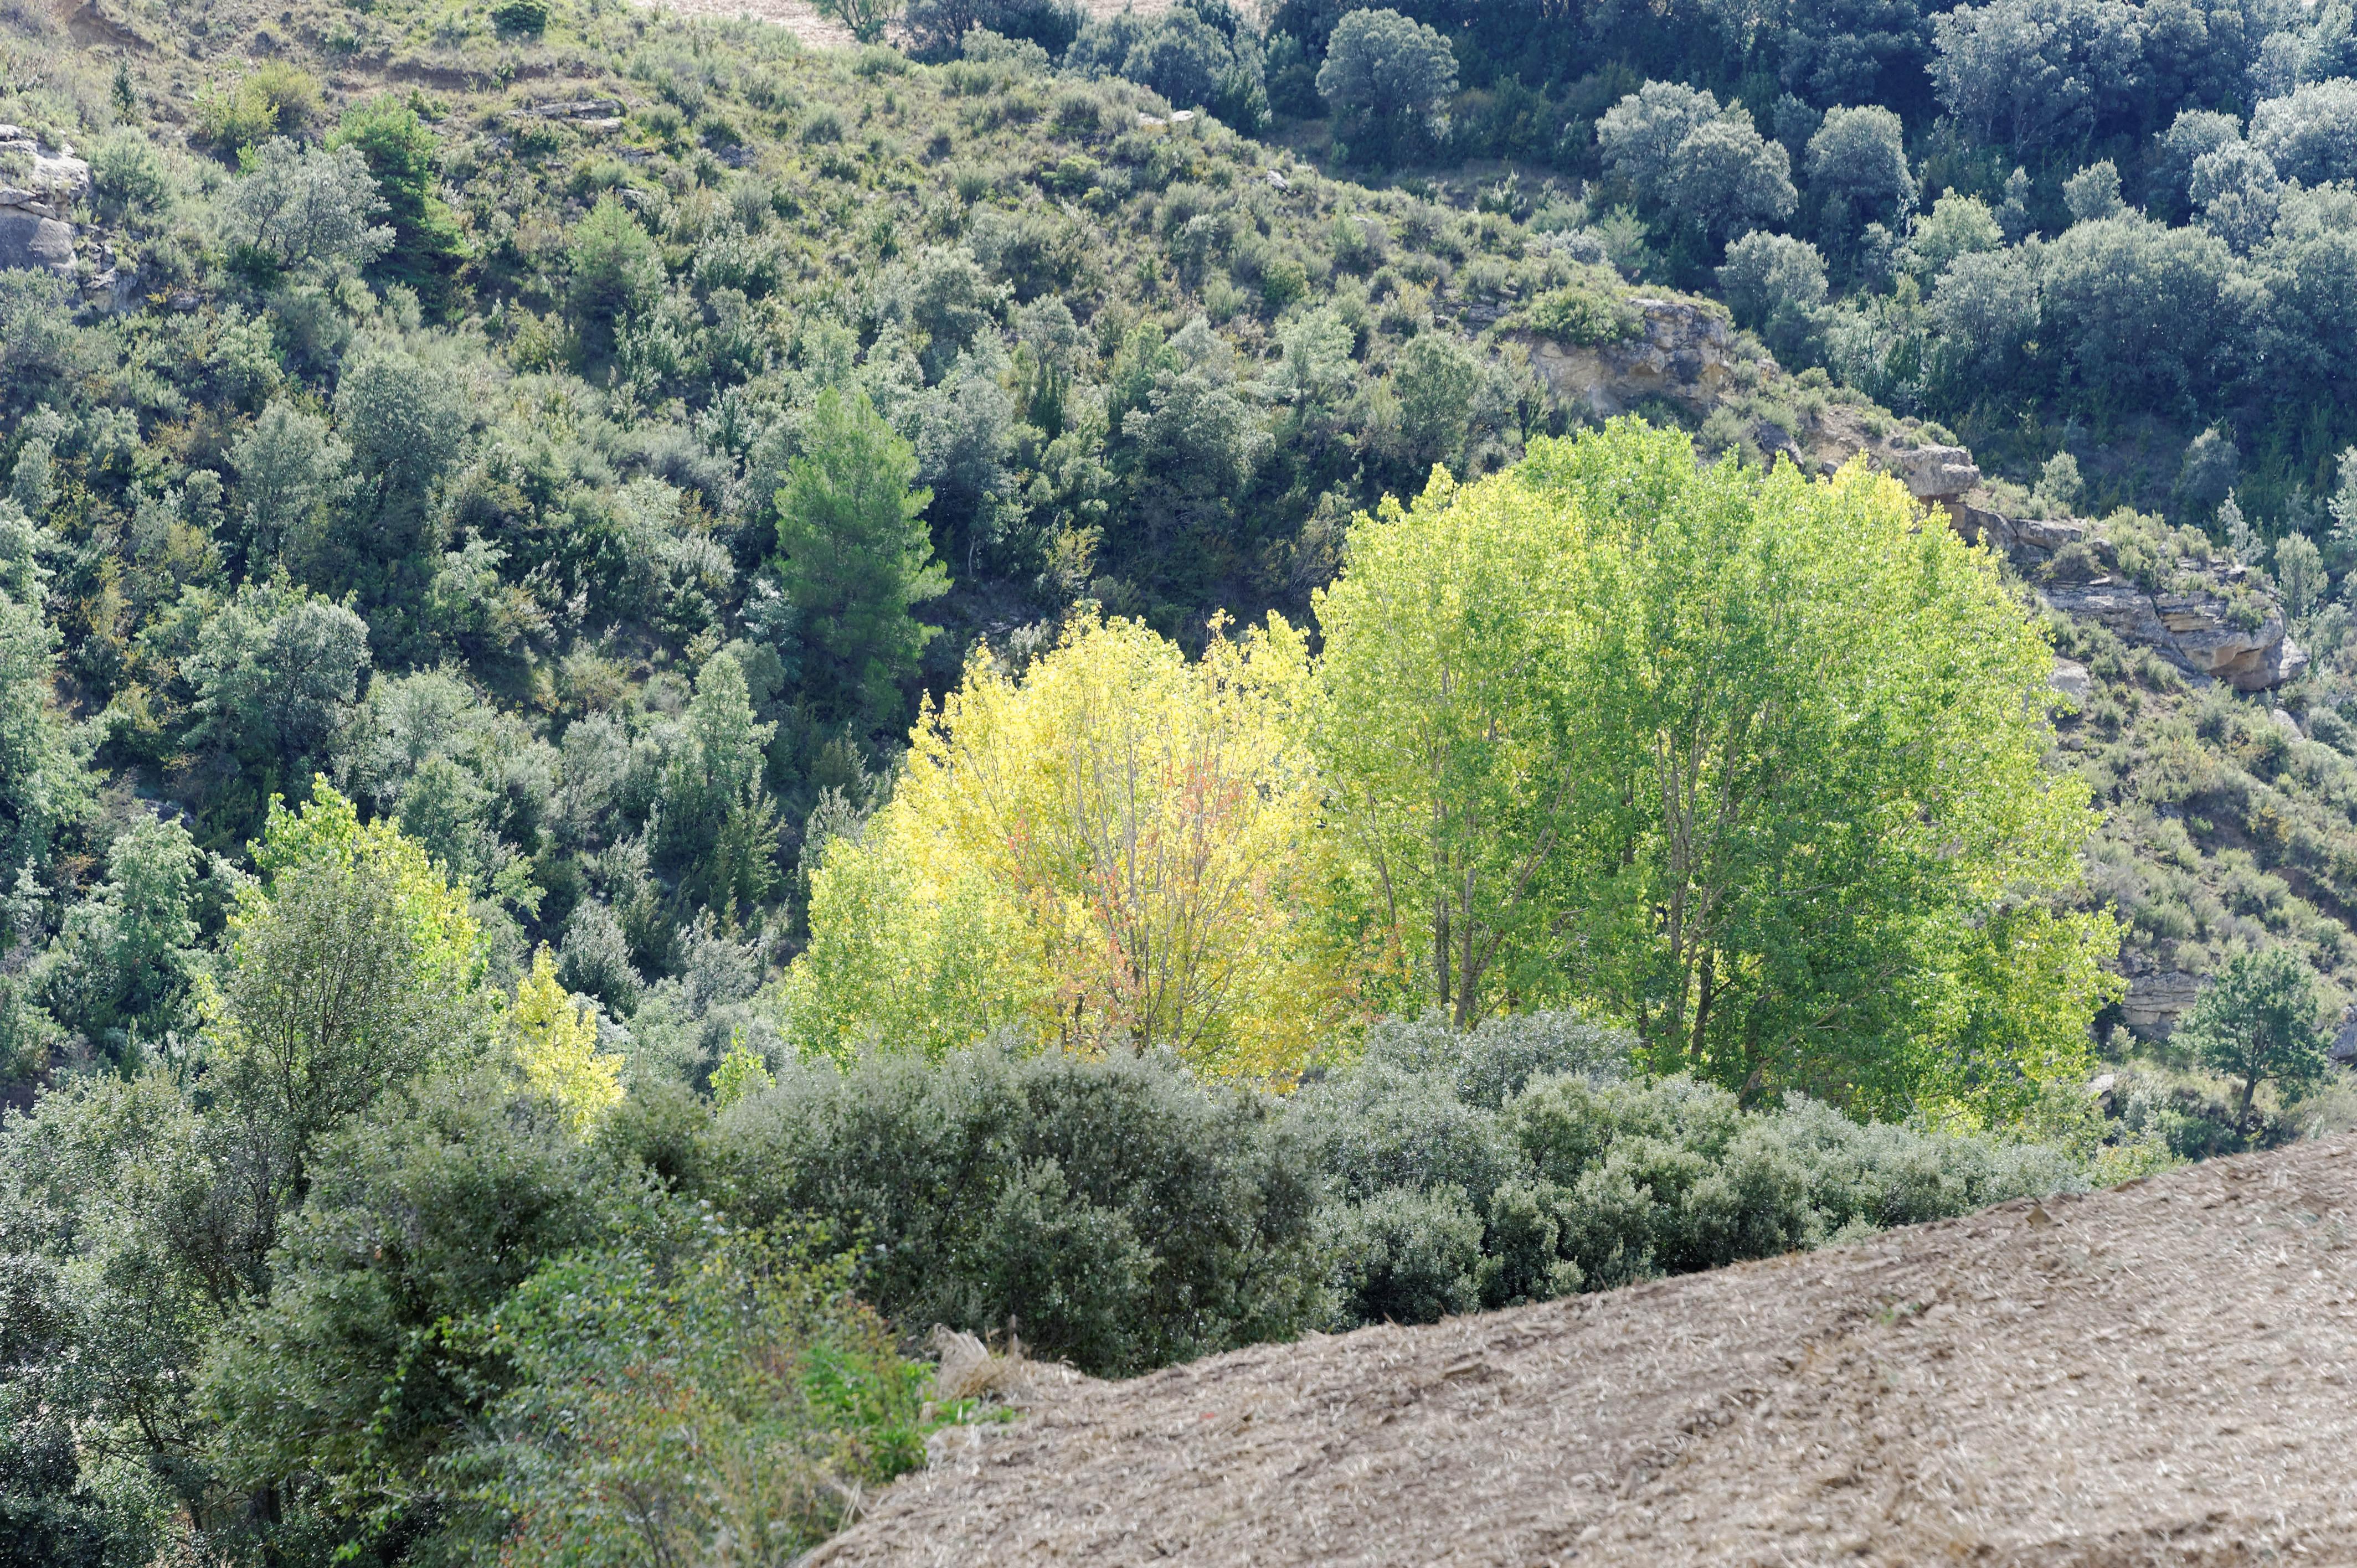 3481_Vers Luesia (Aragon)